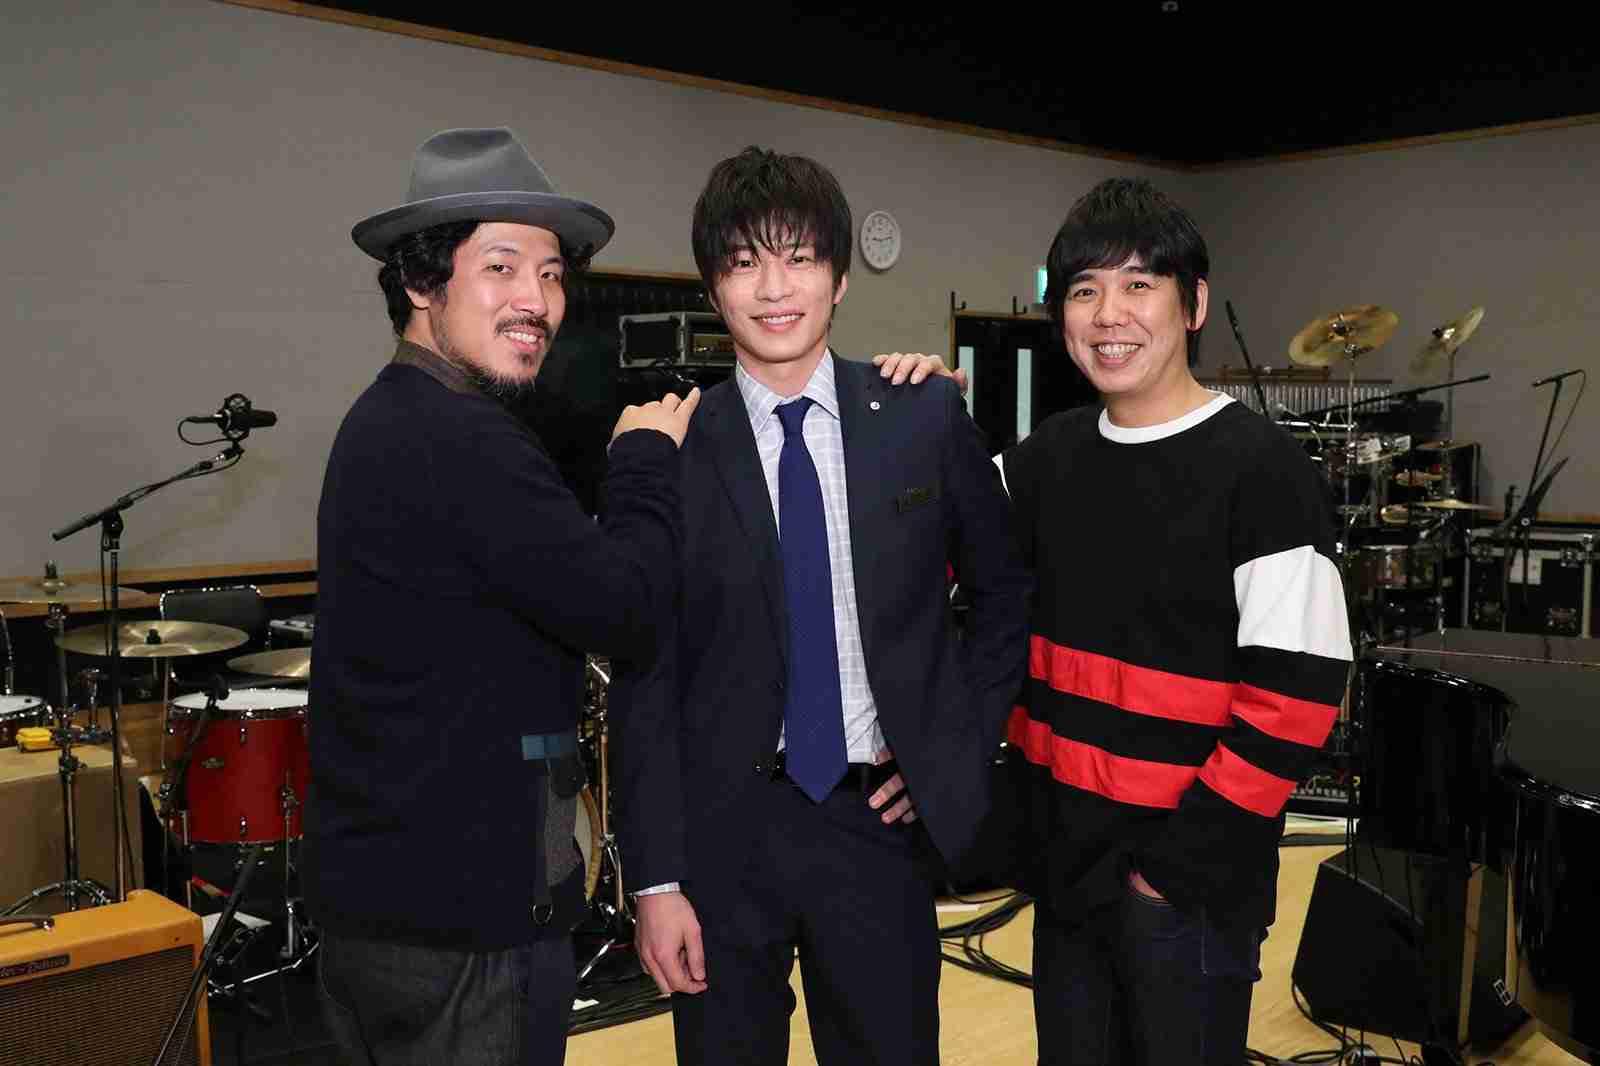 田中圭、Mステ初出演 スキマスイッチが「おっさんずラブ」主題歌披露